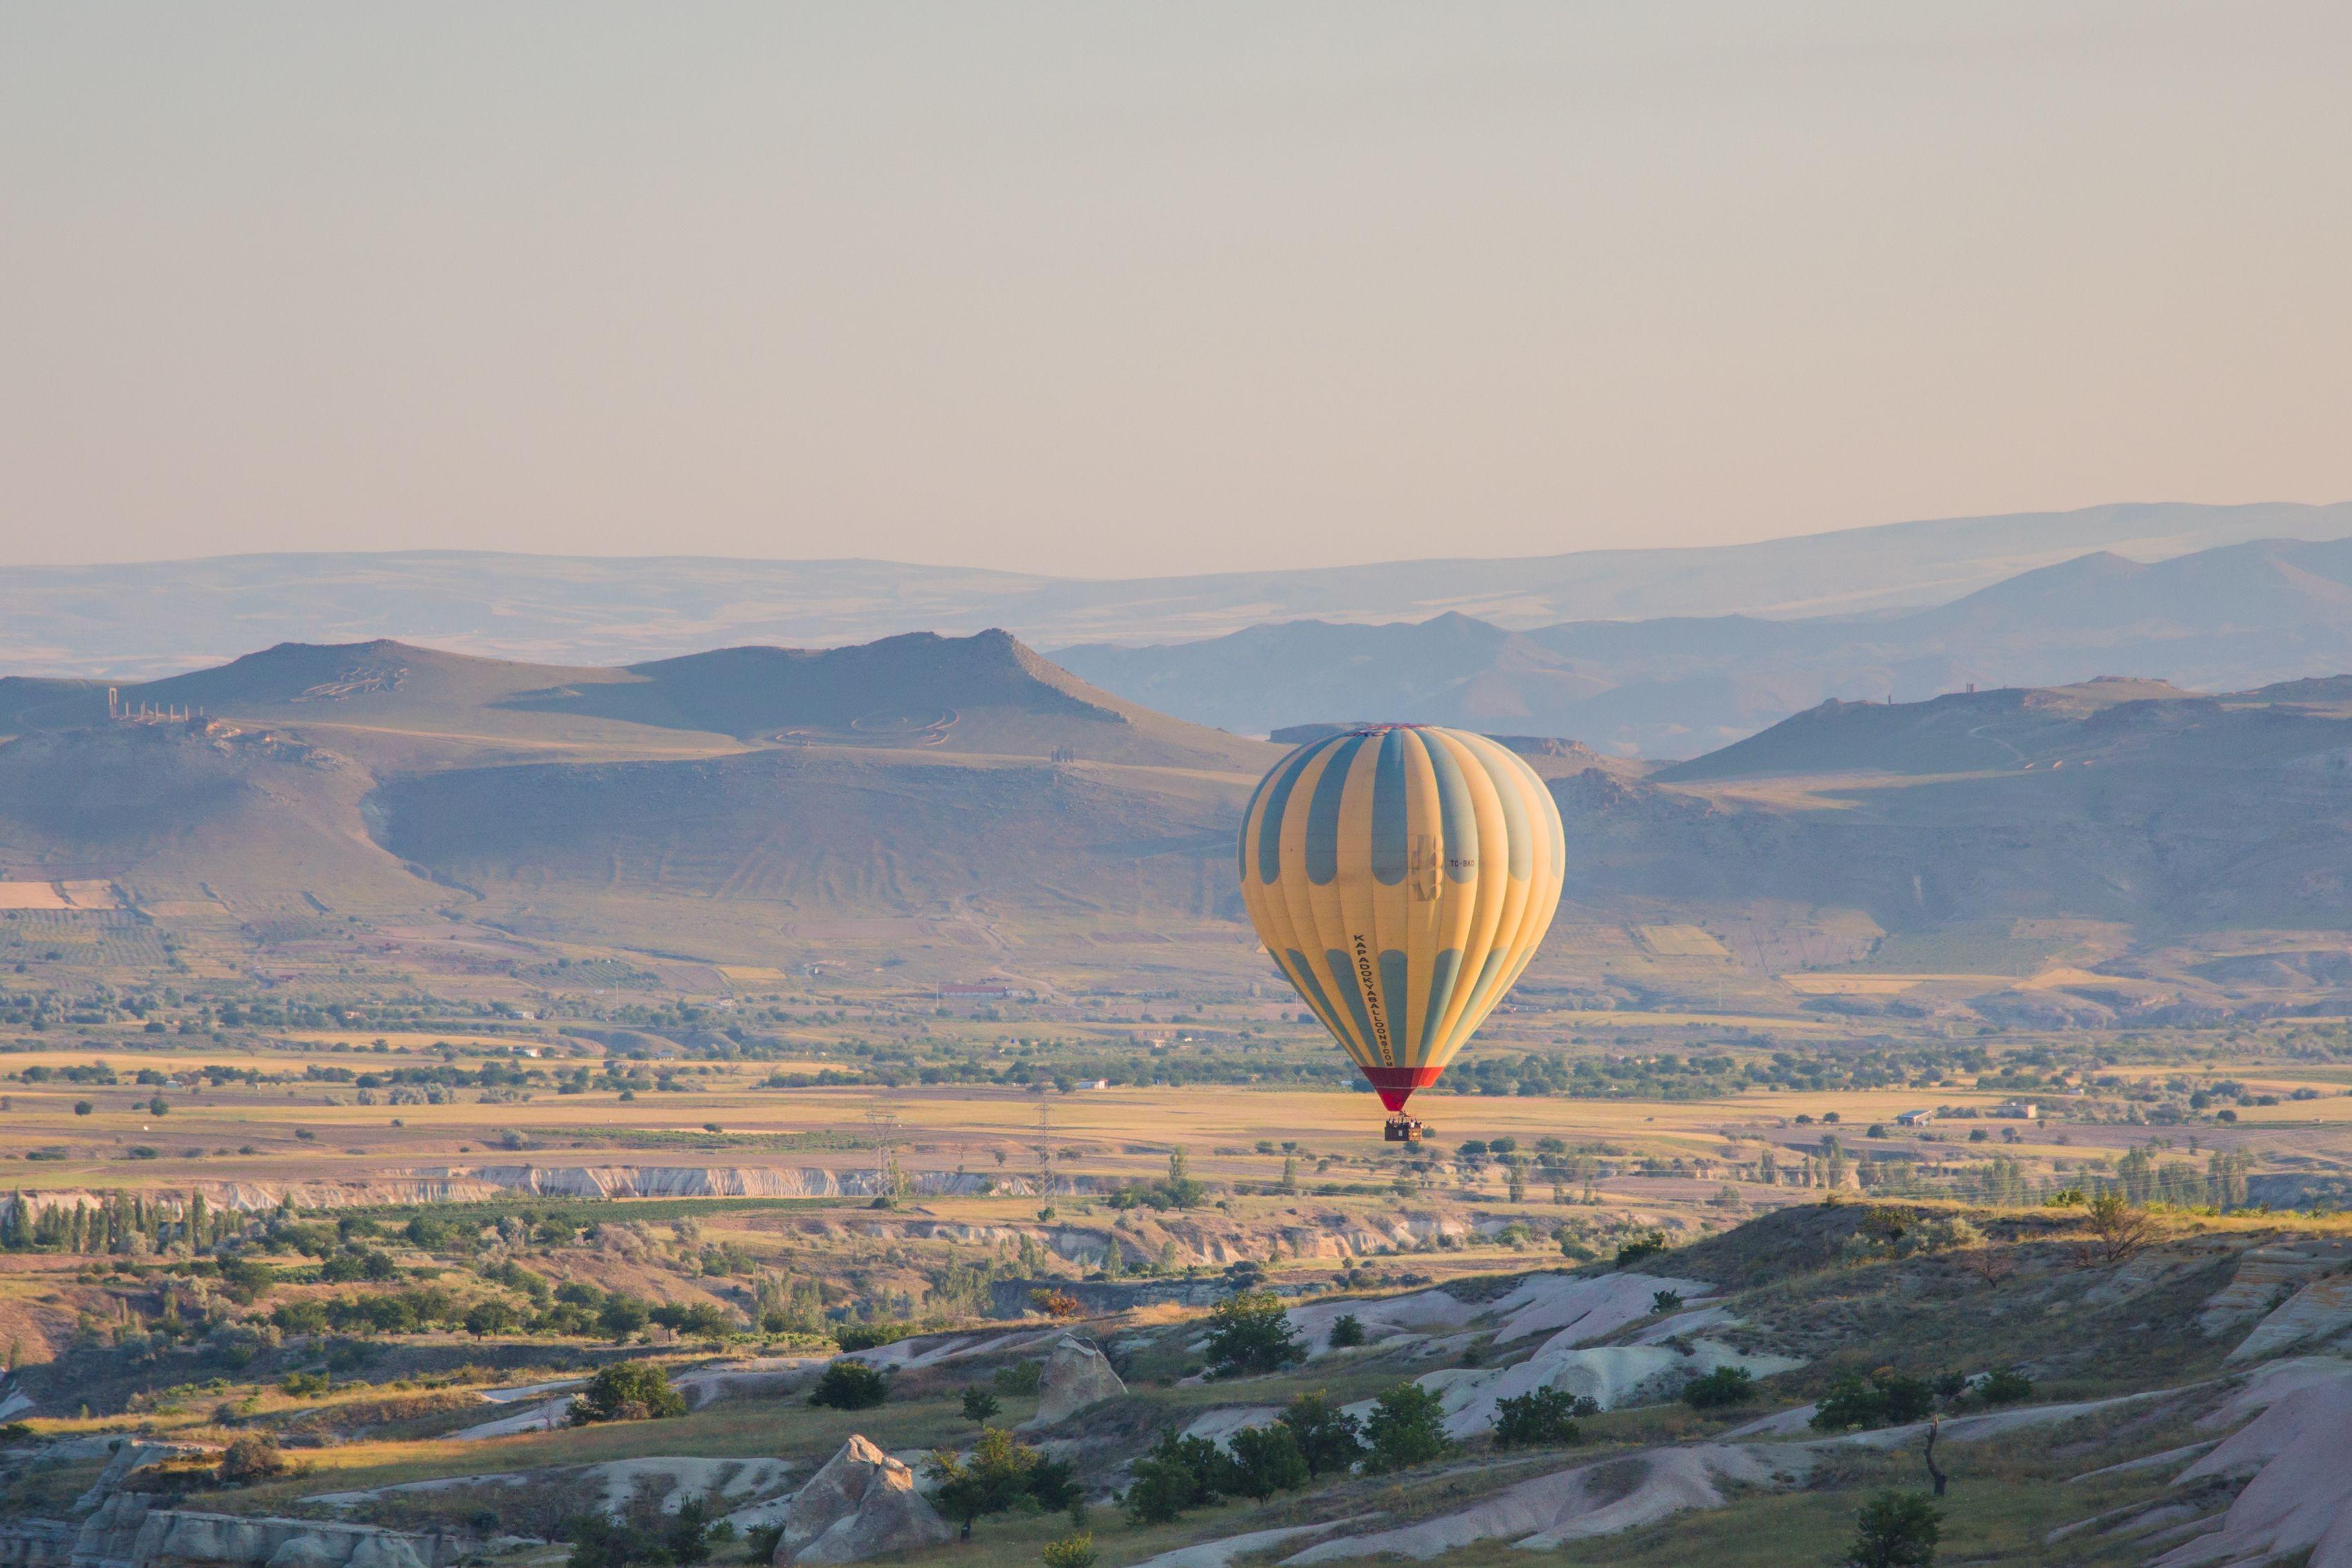 Cappadocia Ballon Tour Most amazing views through our hot